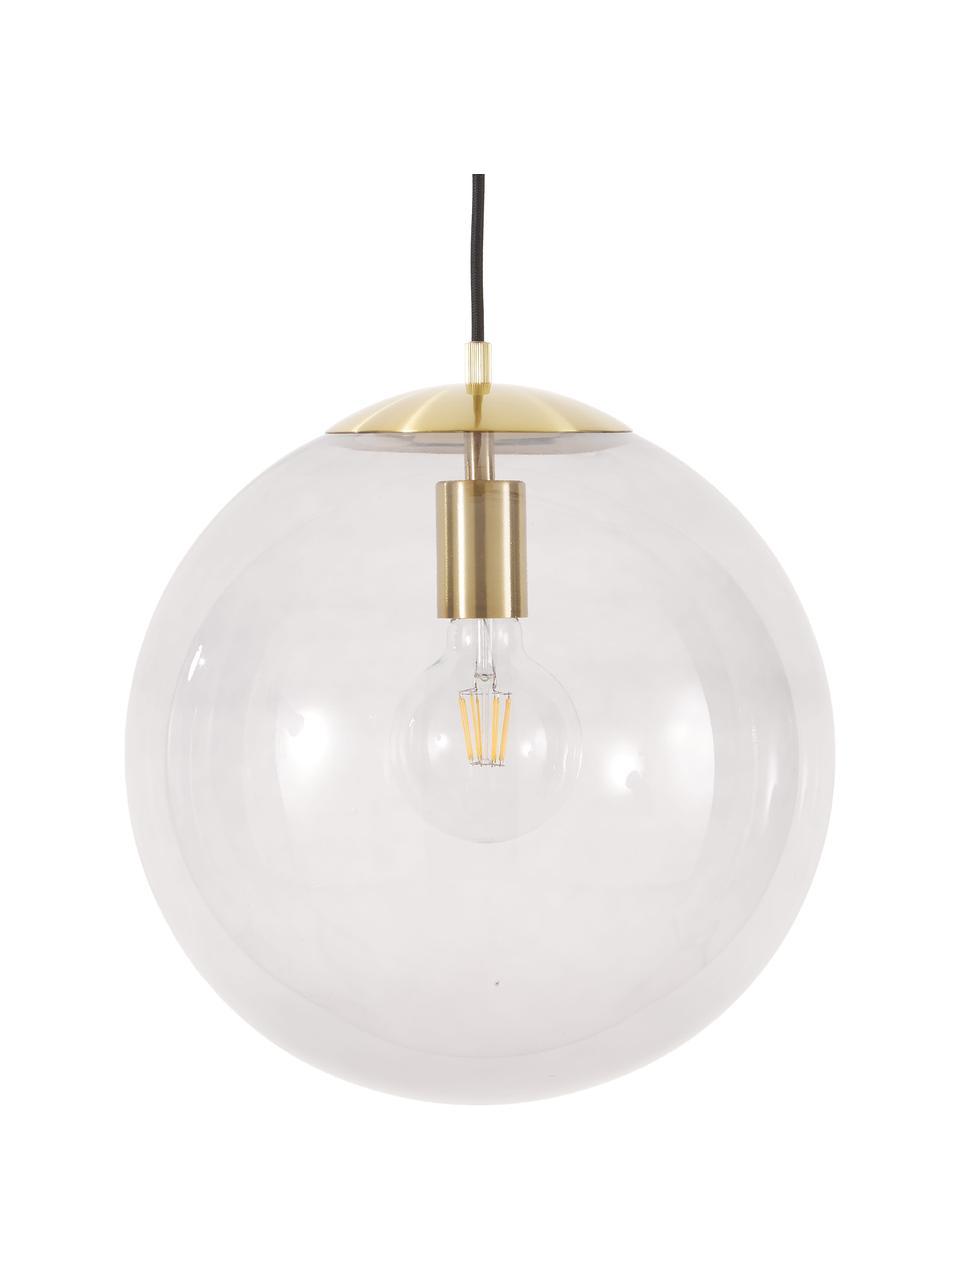 Hanglamp Bao van glas, Lampenkap: glas, Baldakijn: gegalvaniseerd metaal, Blauw, Ø 35 cm